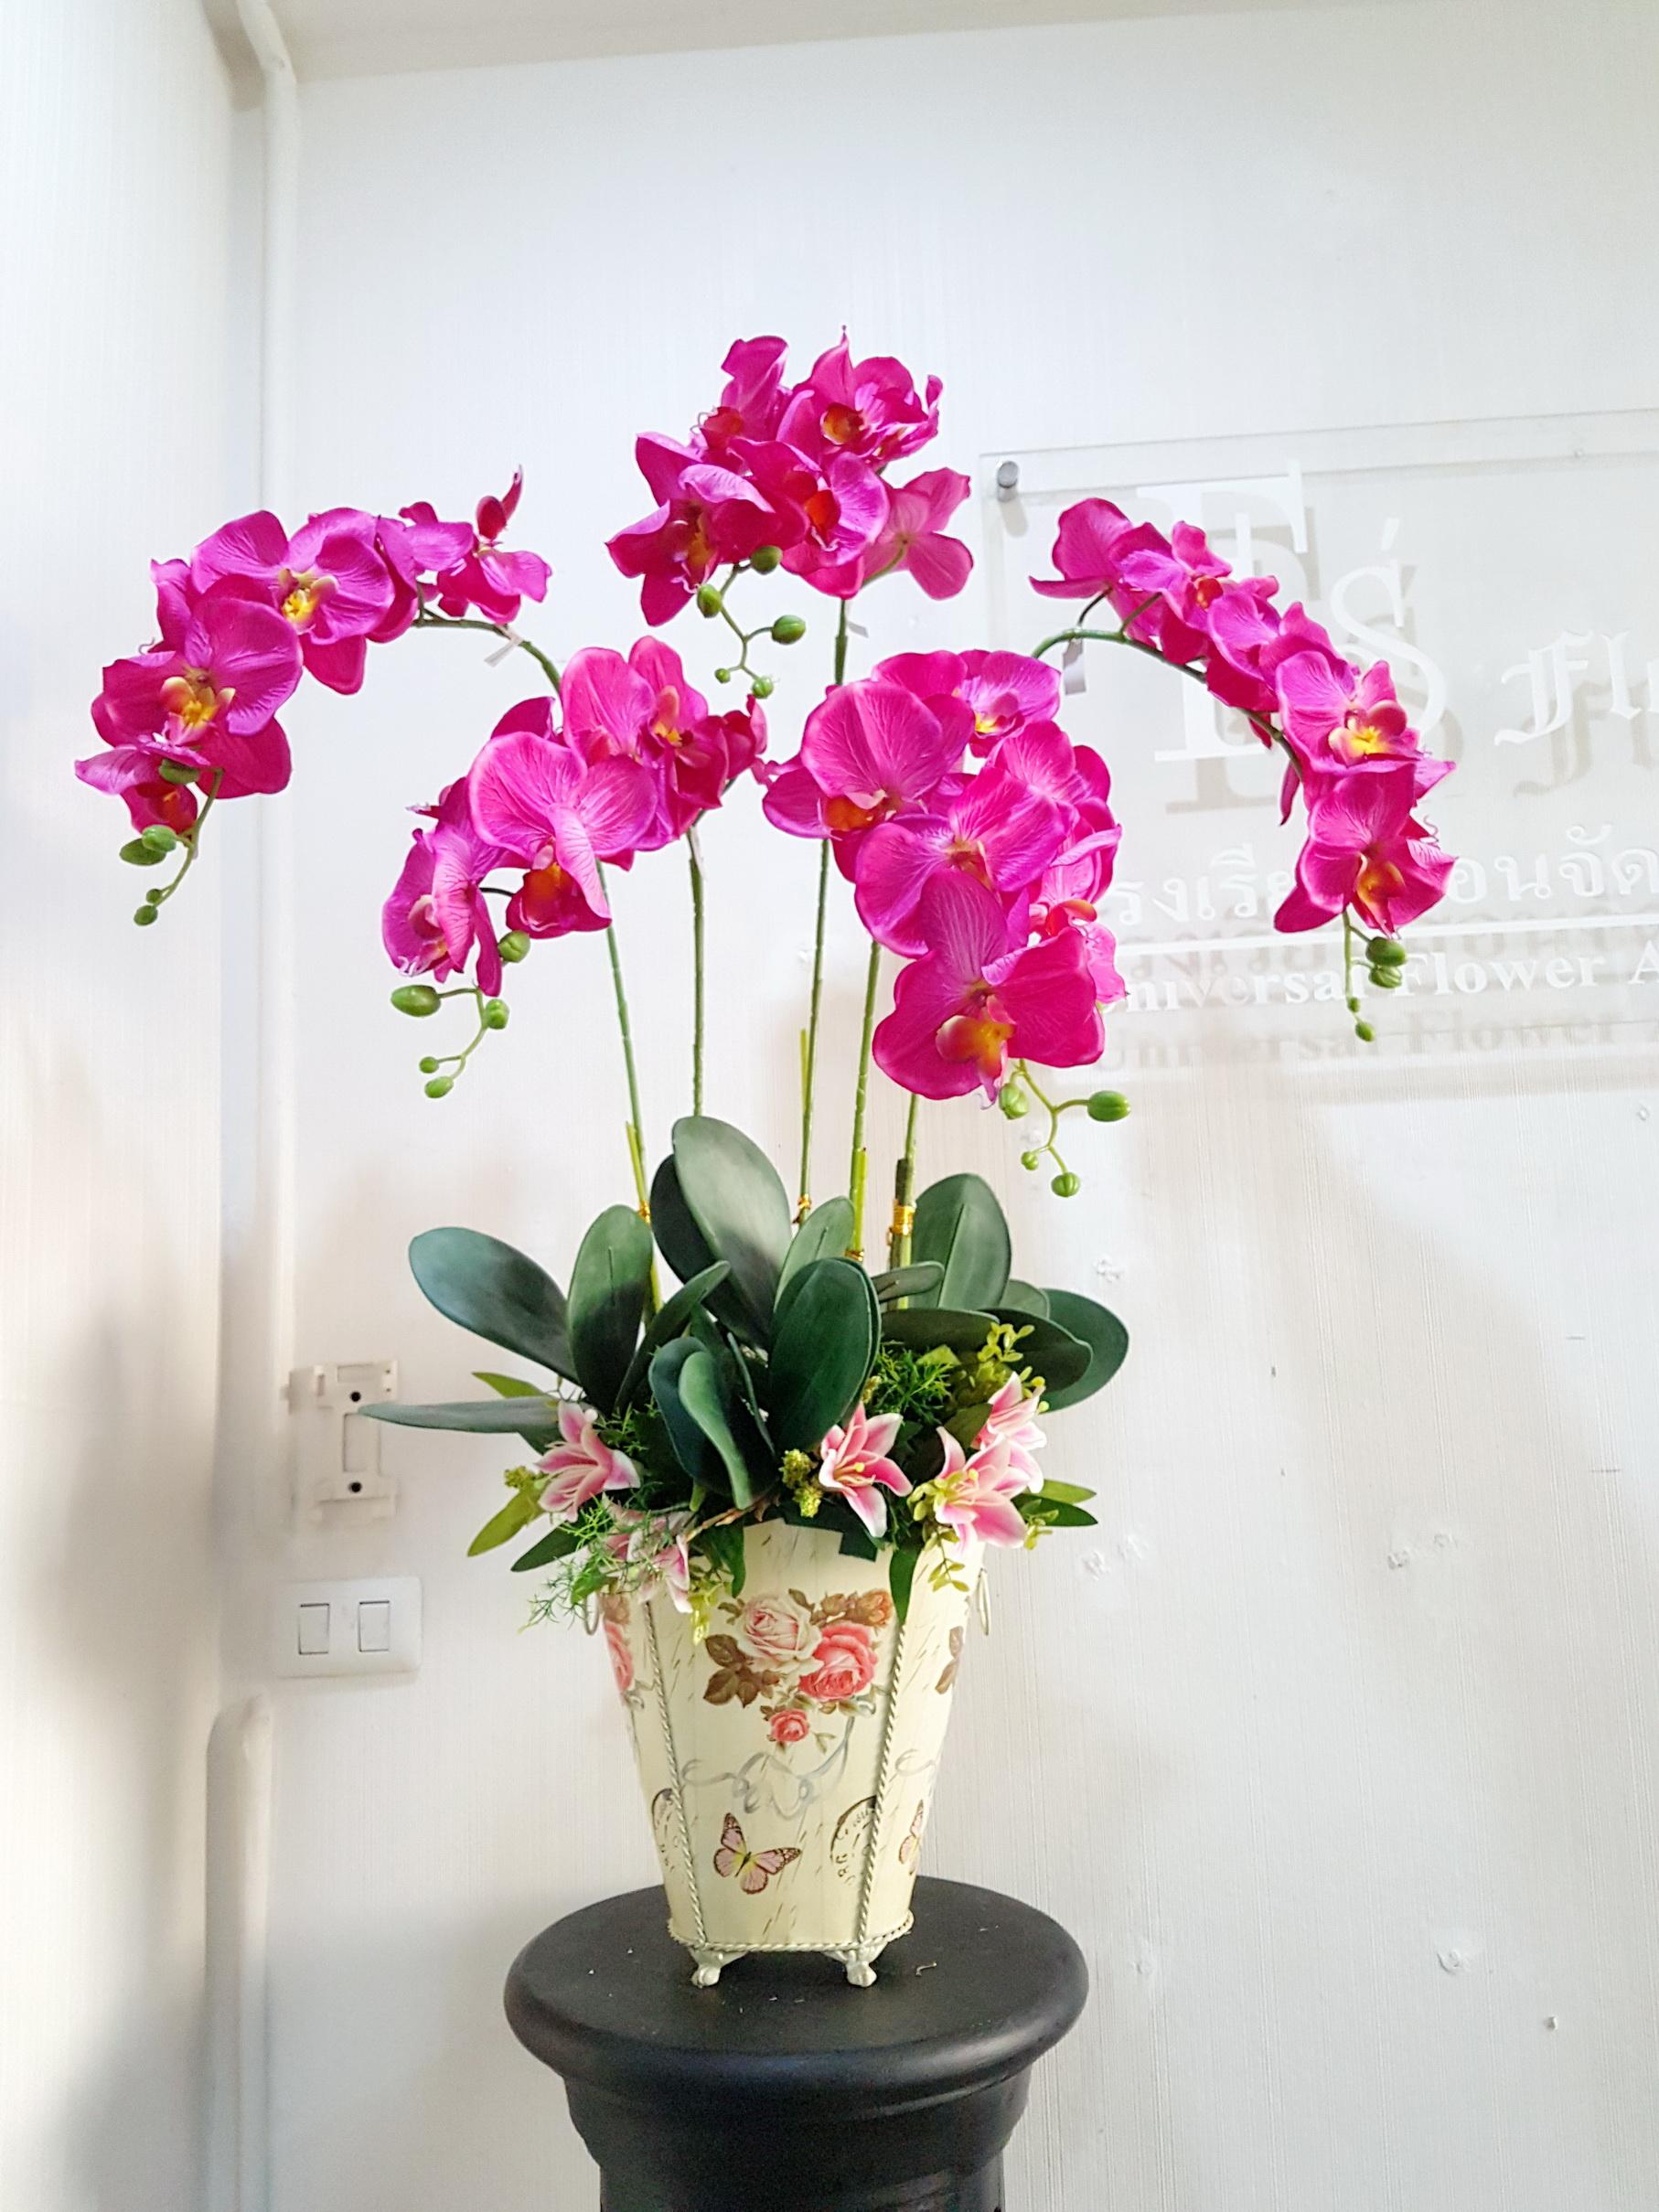 หลักสูตรการจัดดอกไม้ประดิษฐ์